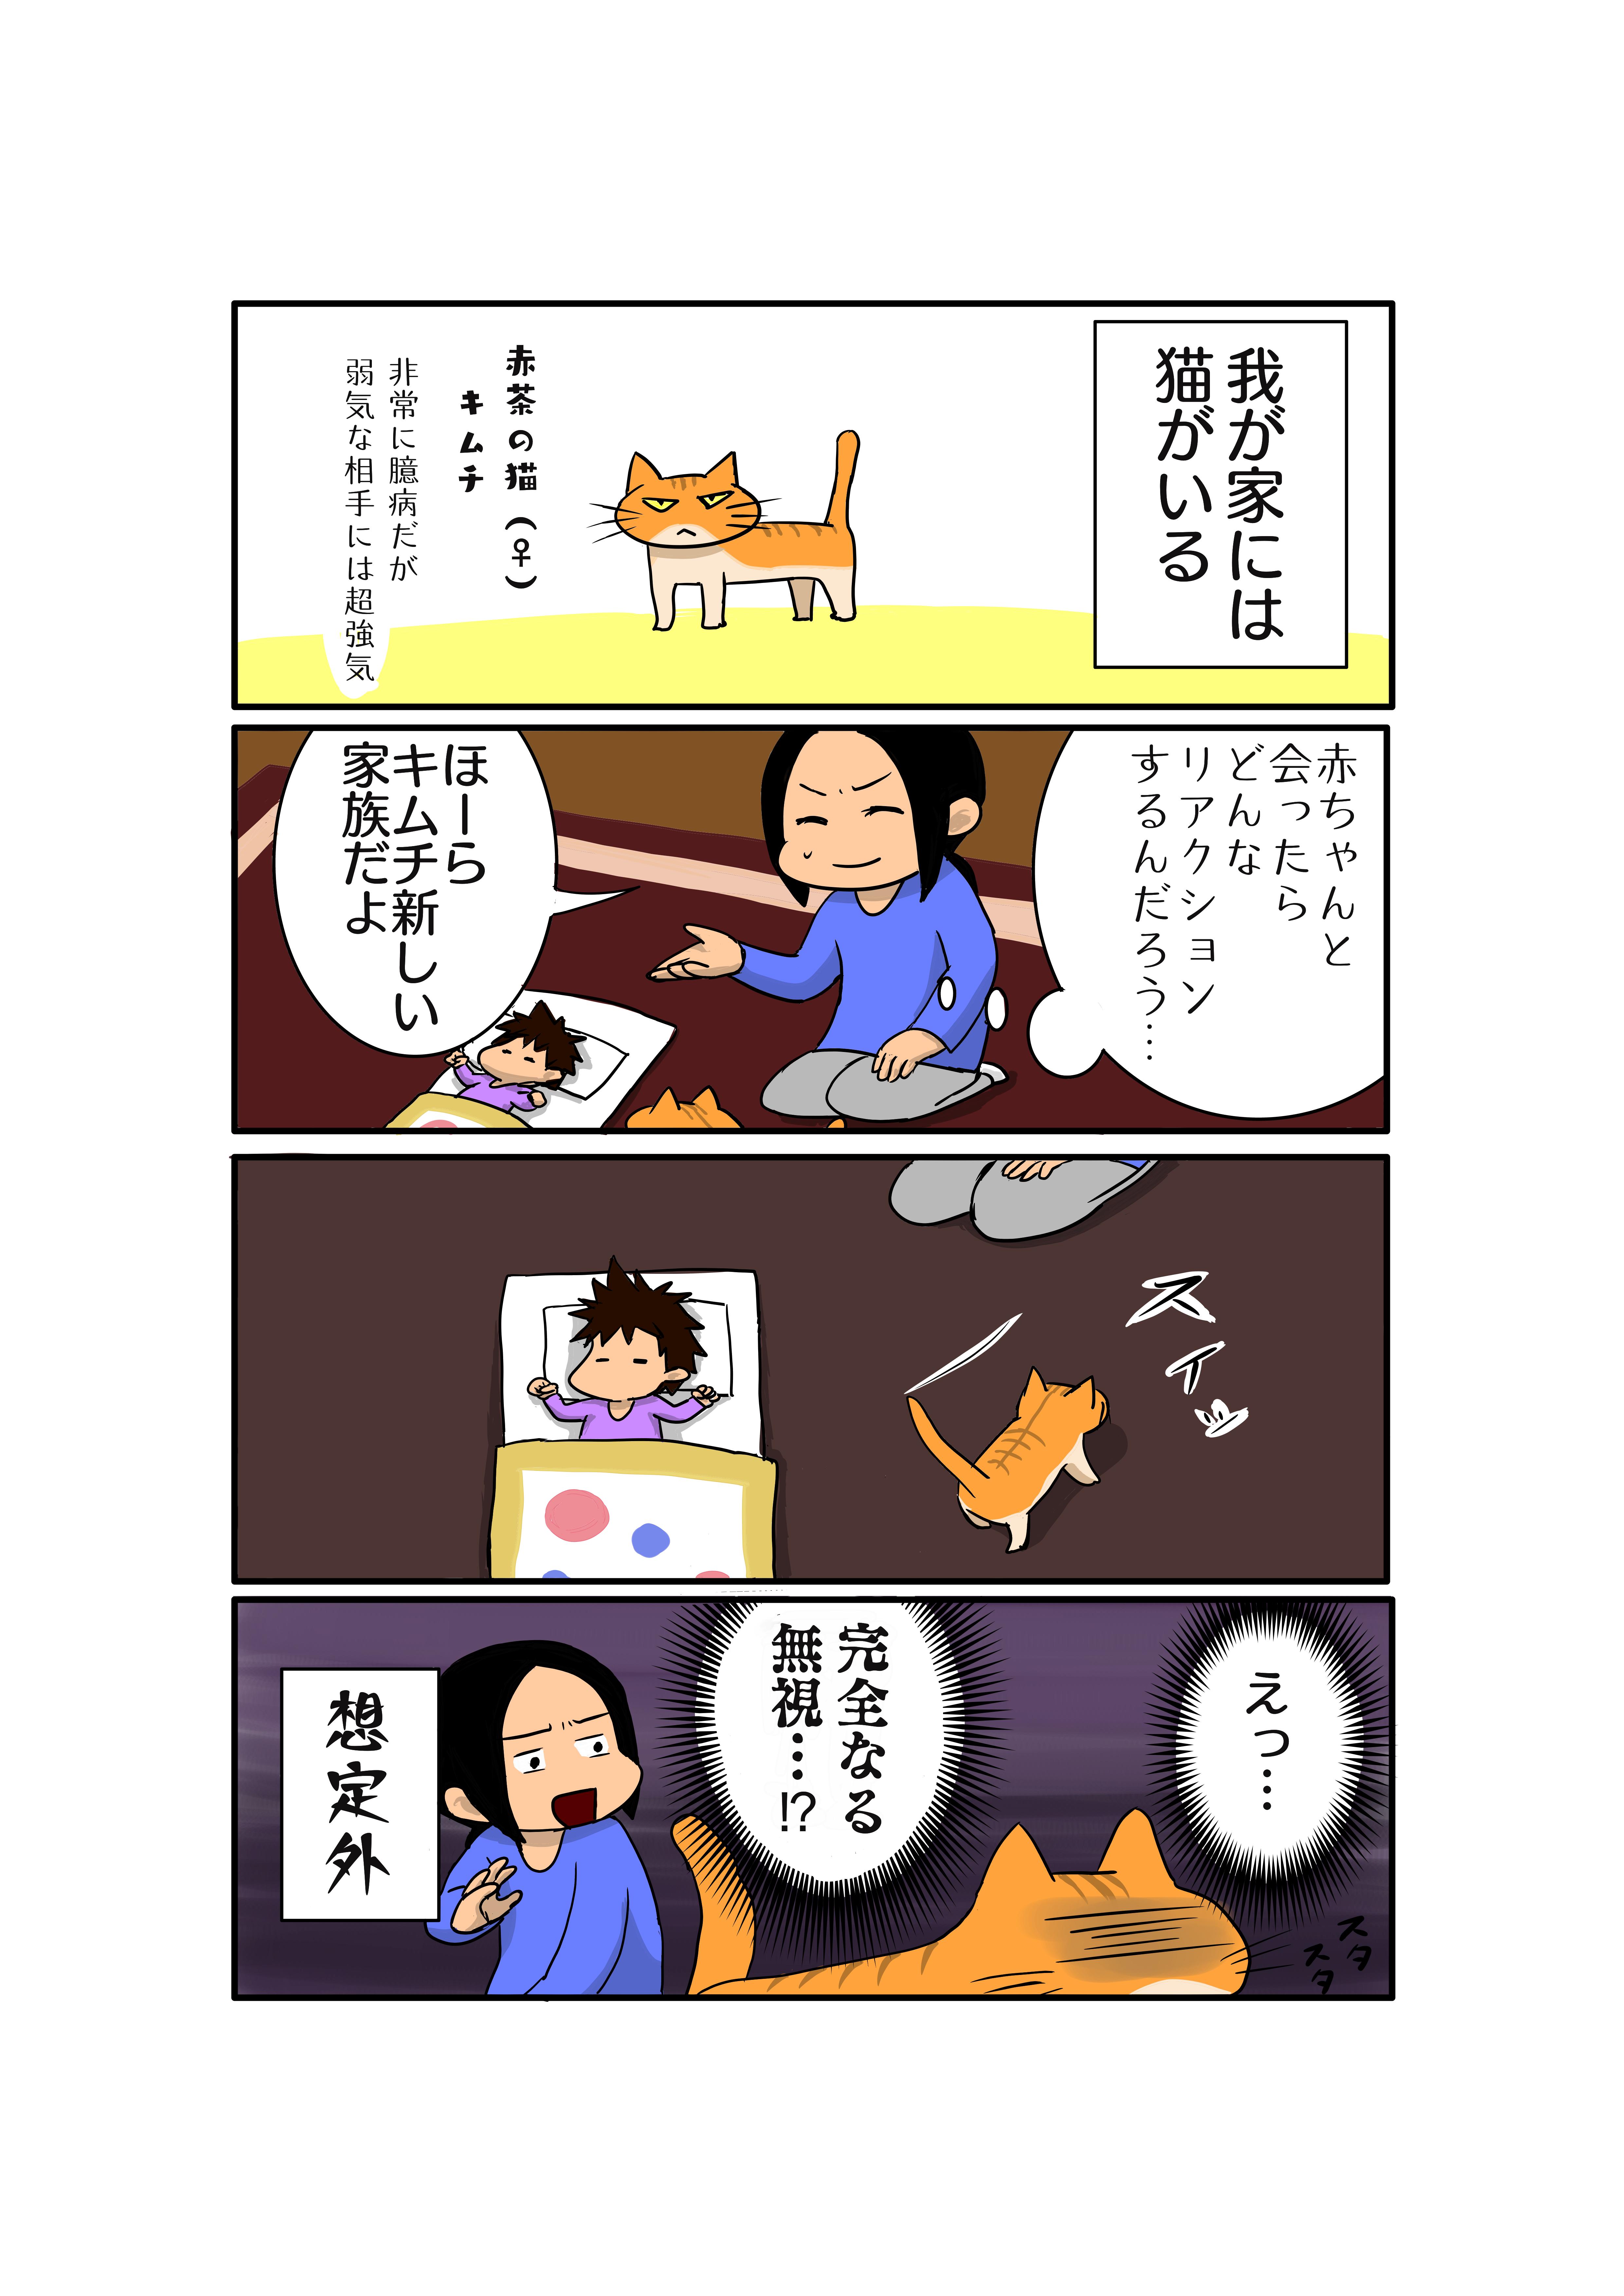 ねここど‐育児マンガ‐ところで俺の猫を見てくれ‐新生児‐猫‐初対面‐リアクション‐無反応